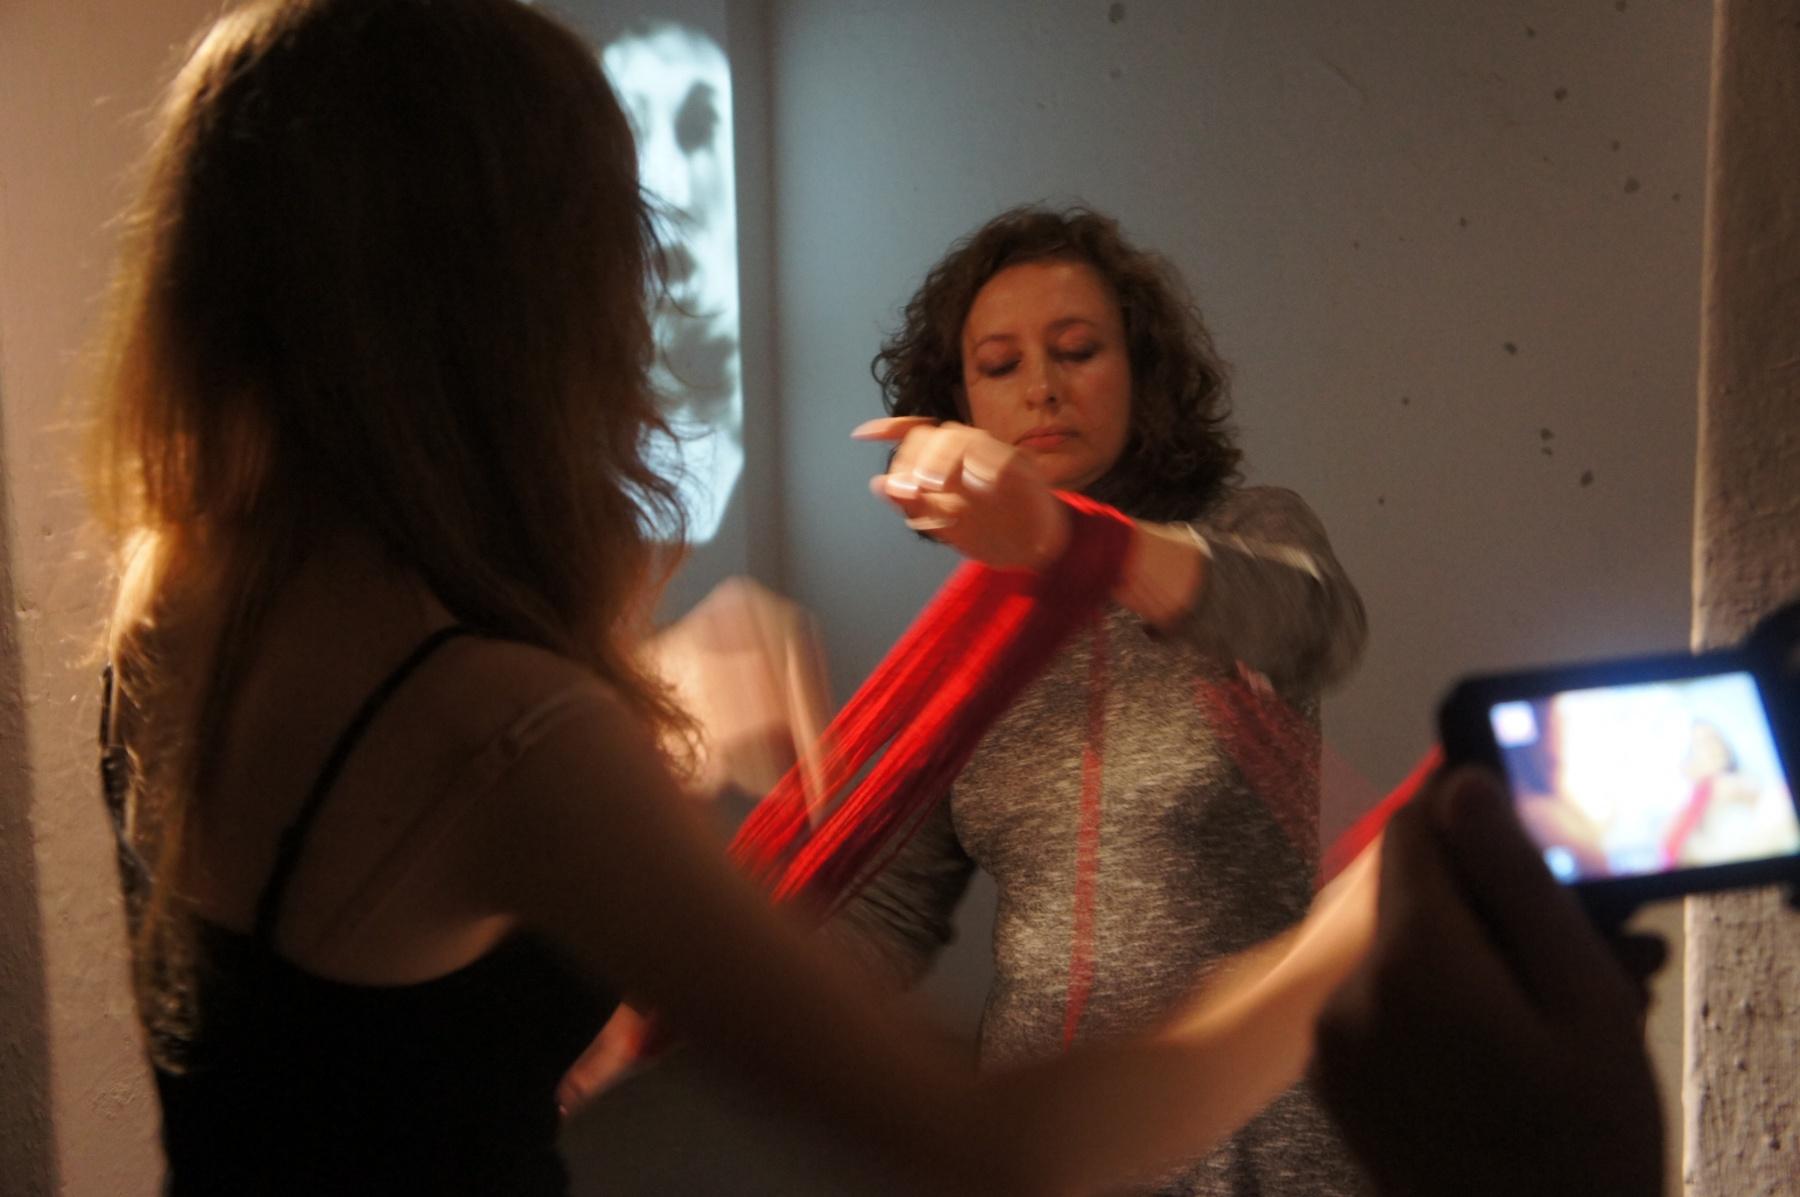 Fotorelacja i dokumentacja wideo z wystawy Relacje 6. Joanna Chołaścińska i Magdalena Mazur  (Galeria Nurt, 10.07.2019)